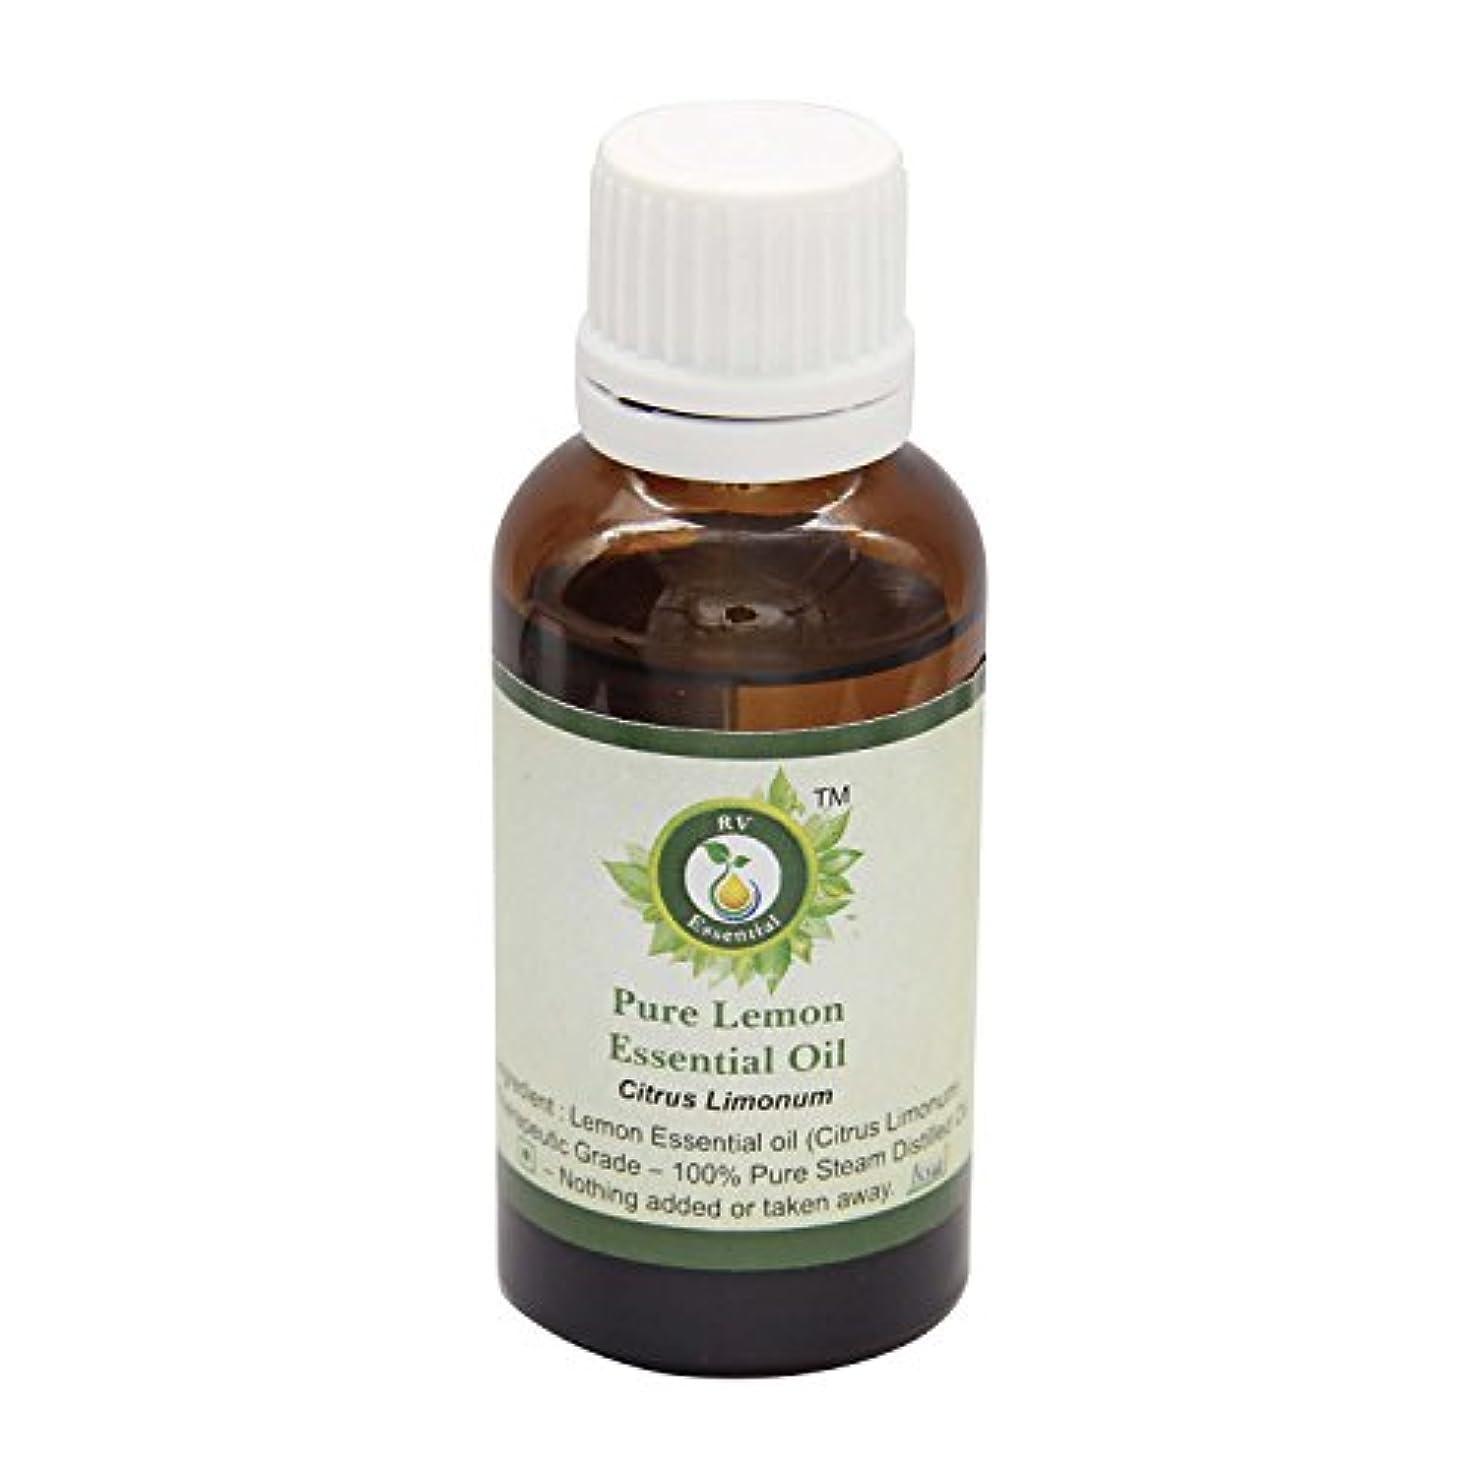 カロリーコンデンサー協会R V Essential ピュアレモンエッセンシャルオイル630ml (21oz)- Citrus Limonum (100%純粋&天然スチームDistilled) Pure Lemon Essential Oil